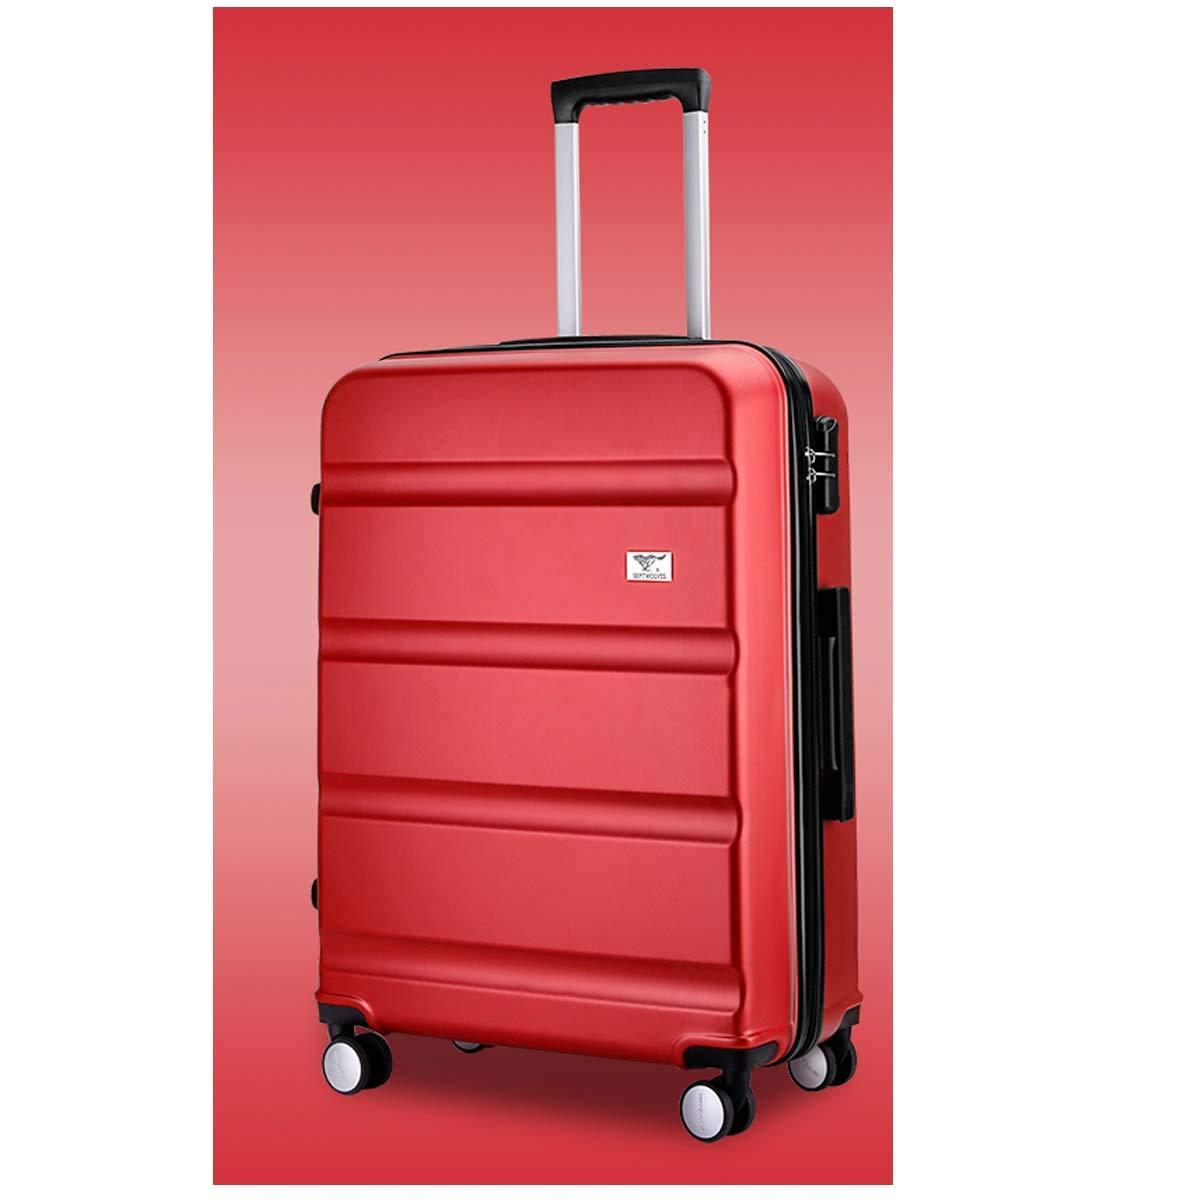 Shengshihuizhong キャリースーツケース ハードケース 回転スーツケース トラベルオーガナイザー ギフトに最適 20/24インチ ブラック シンプルなスタイル レッド サイズ 20 B07PS2QTG4